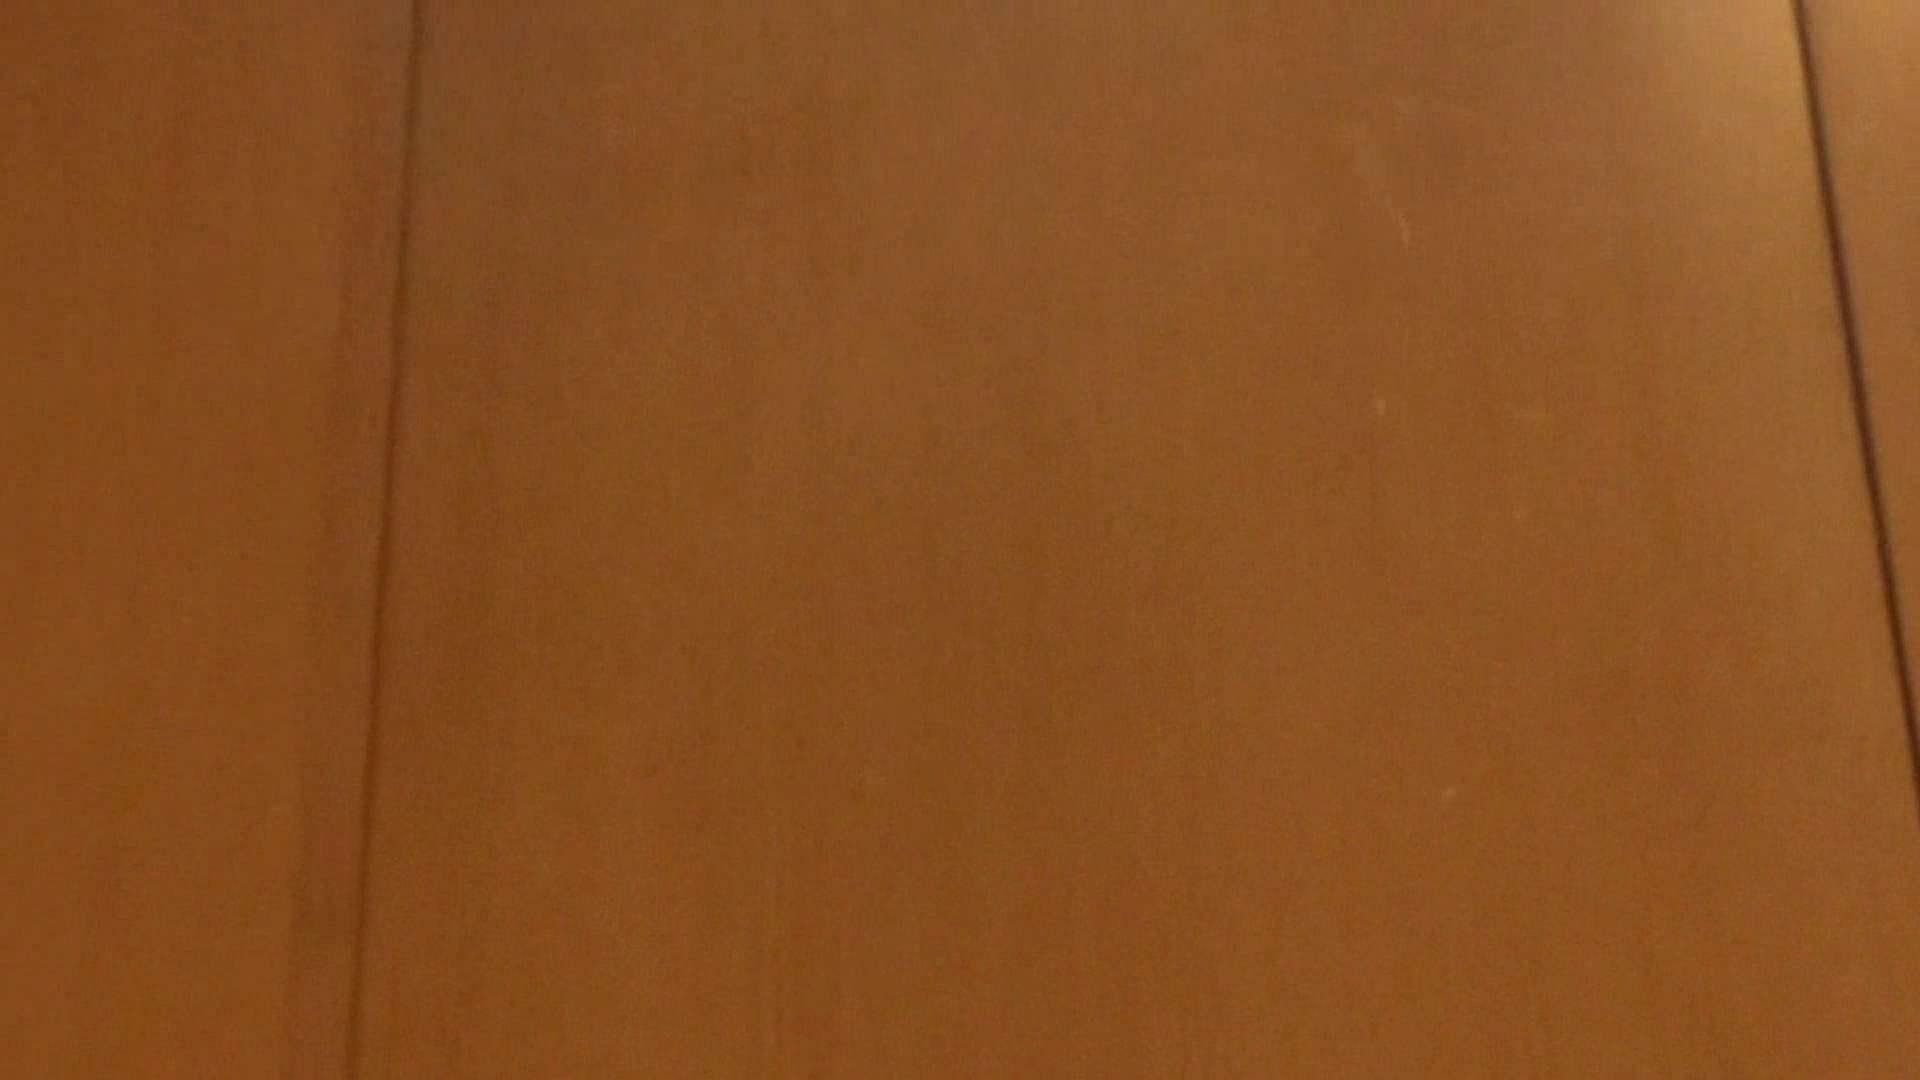 「噂」の国の厠観察日記2 Vol.01 厠 | 人気シリーズ  60枚 43